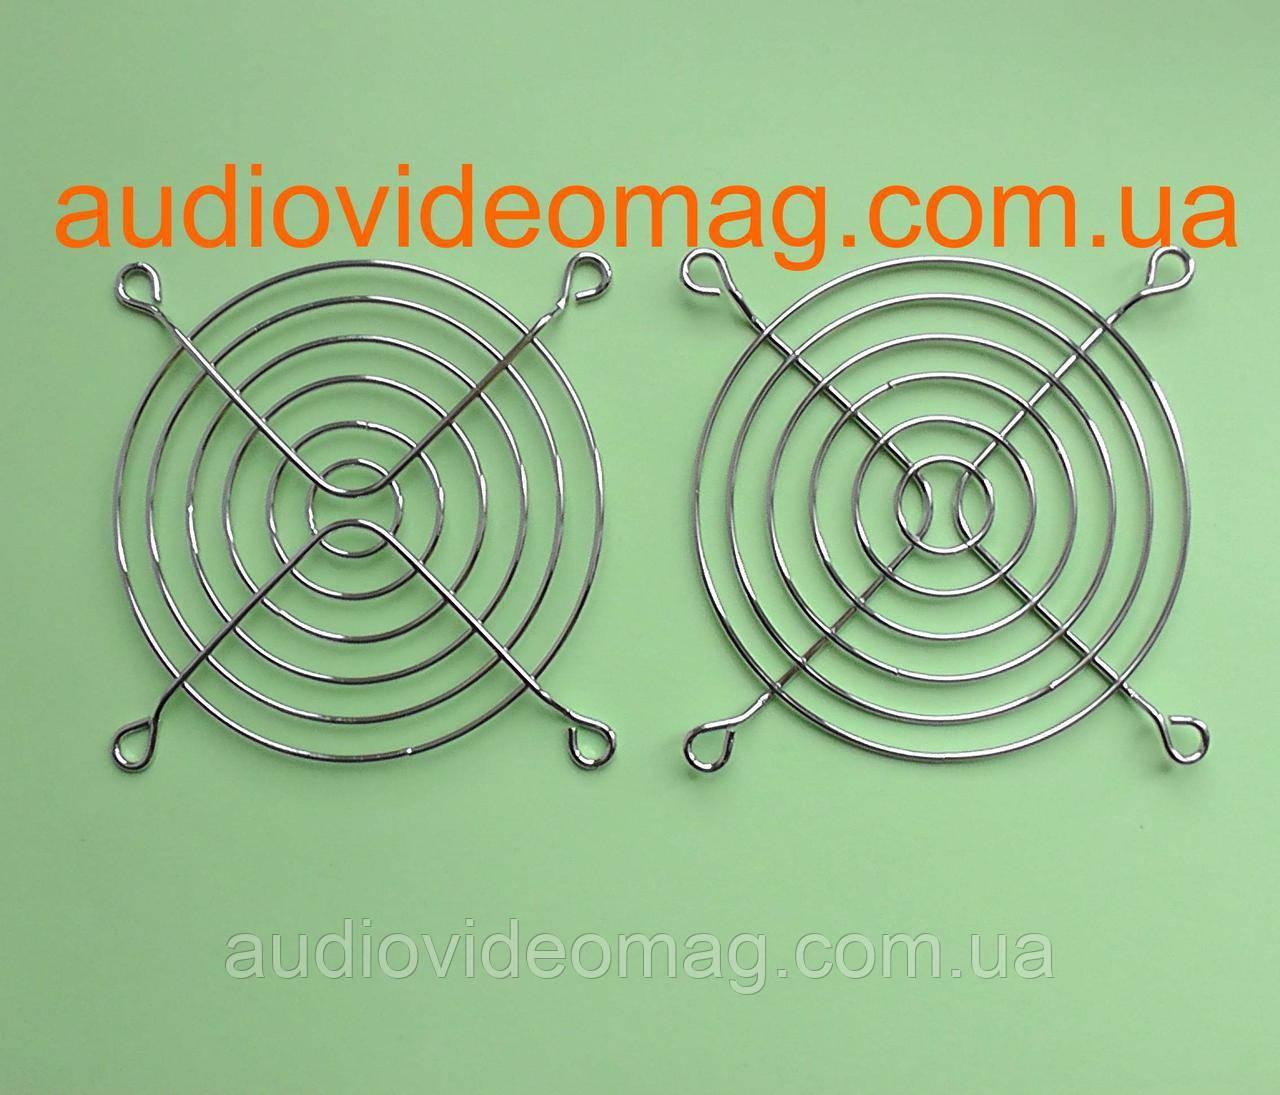 Сітка захисна для вентиляторів (кулерів) 80х80 мм, металева